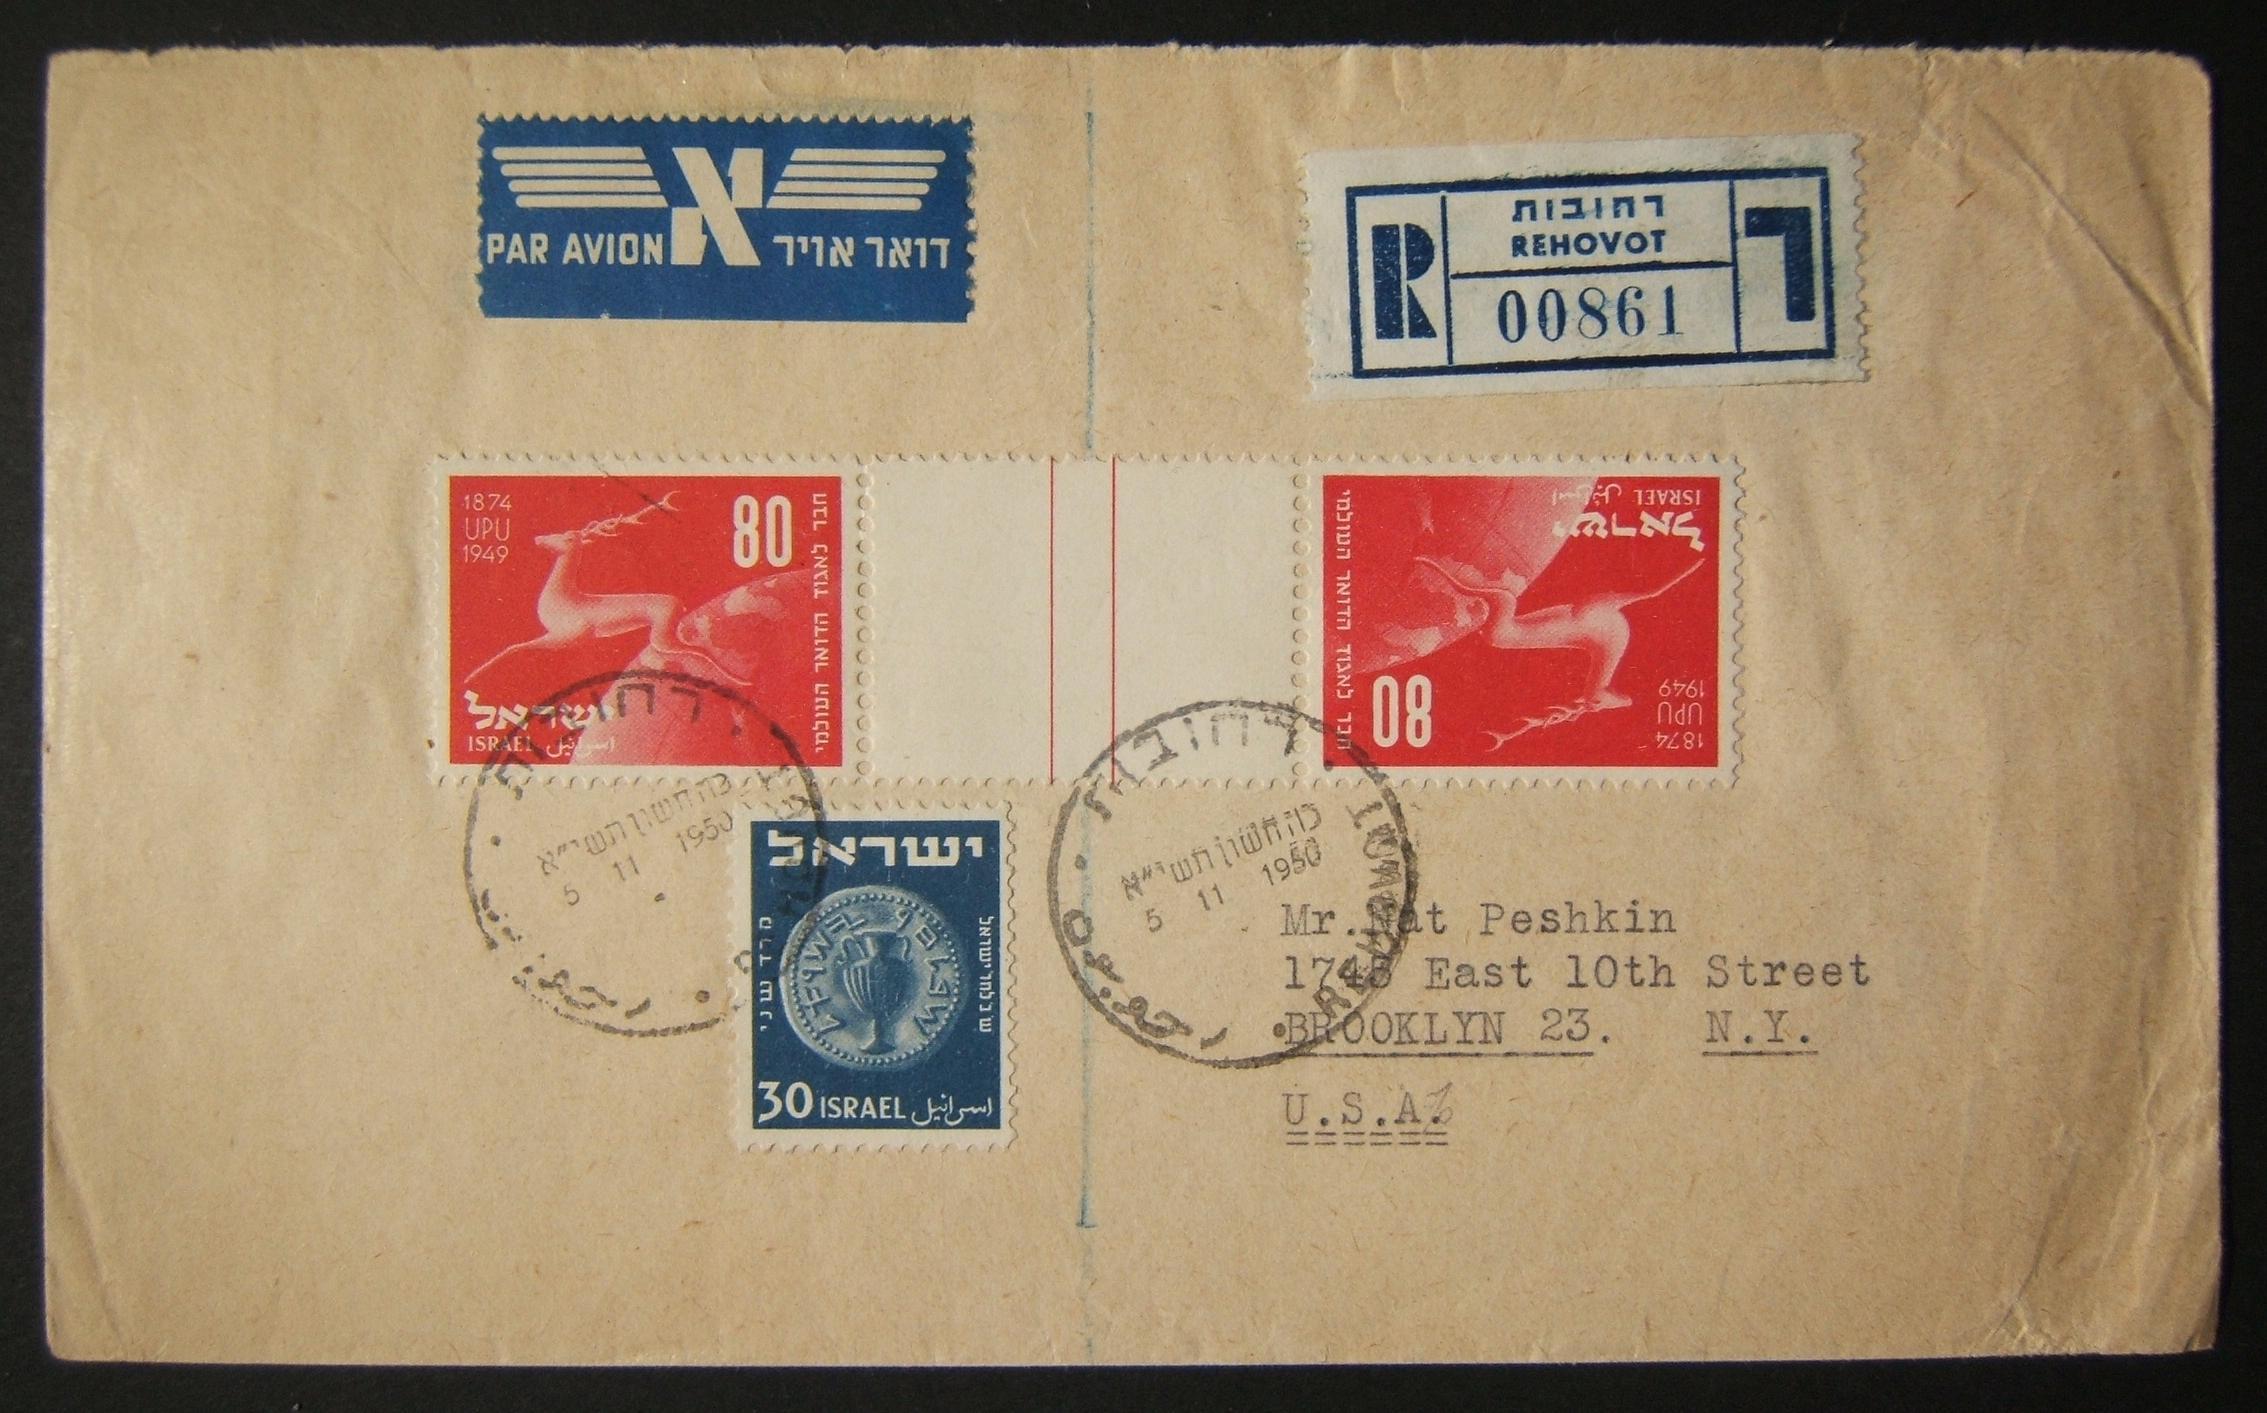 """1950 דואר אלקטרוני לארה""""ב עם 80P UPU tete-beche זוג מרזב & 30pr חותמות בולים 2"""